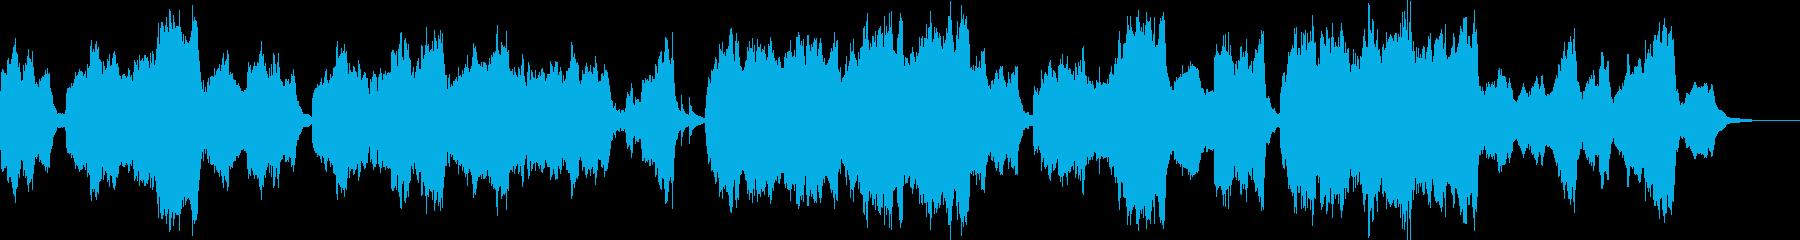 リコーダーの音色が優しいオーケストラの再生済みの波形